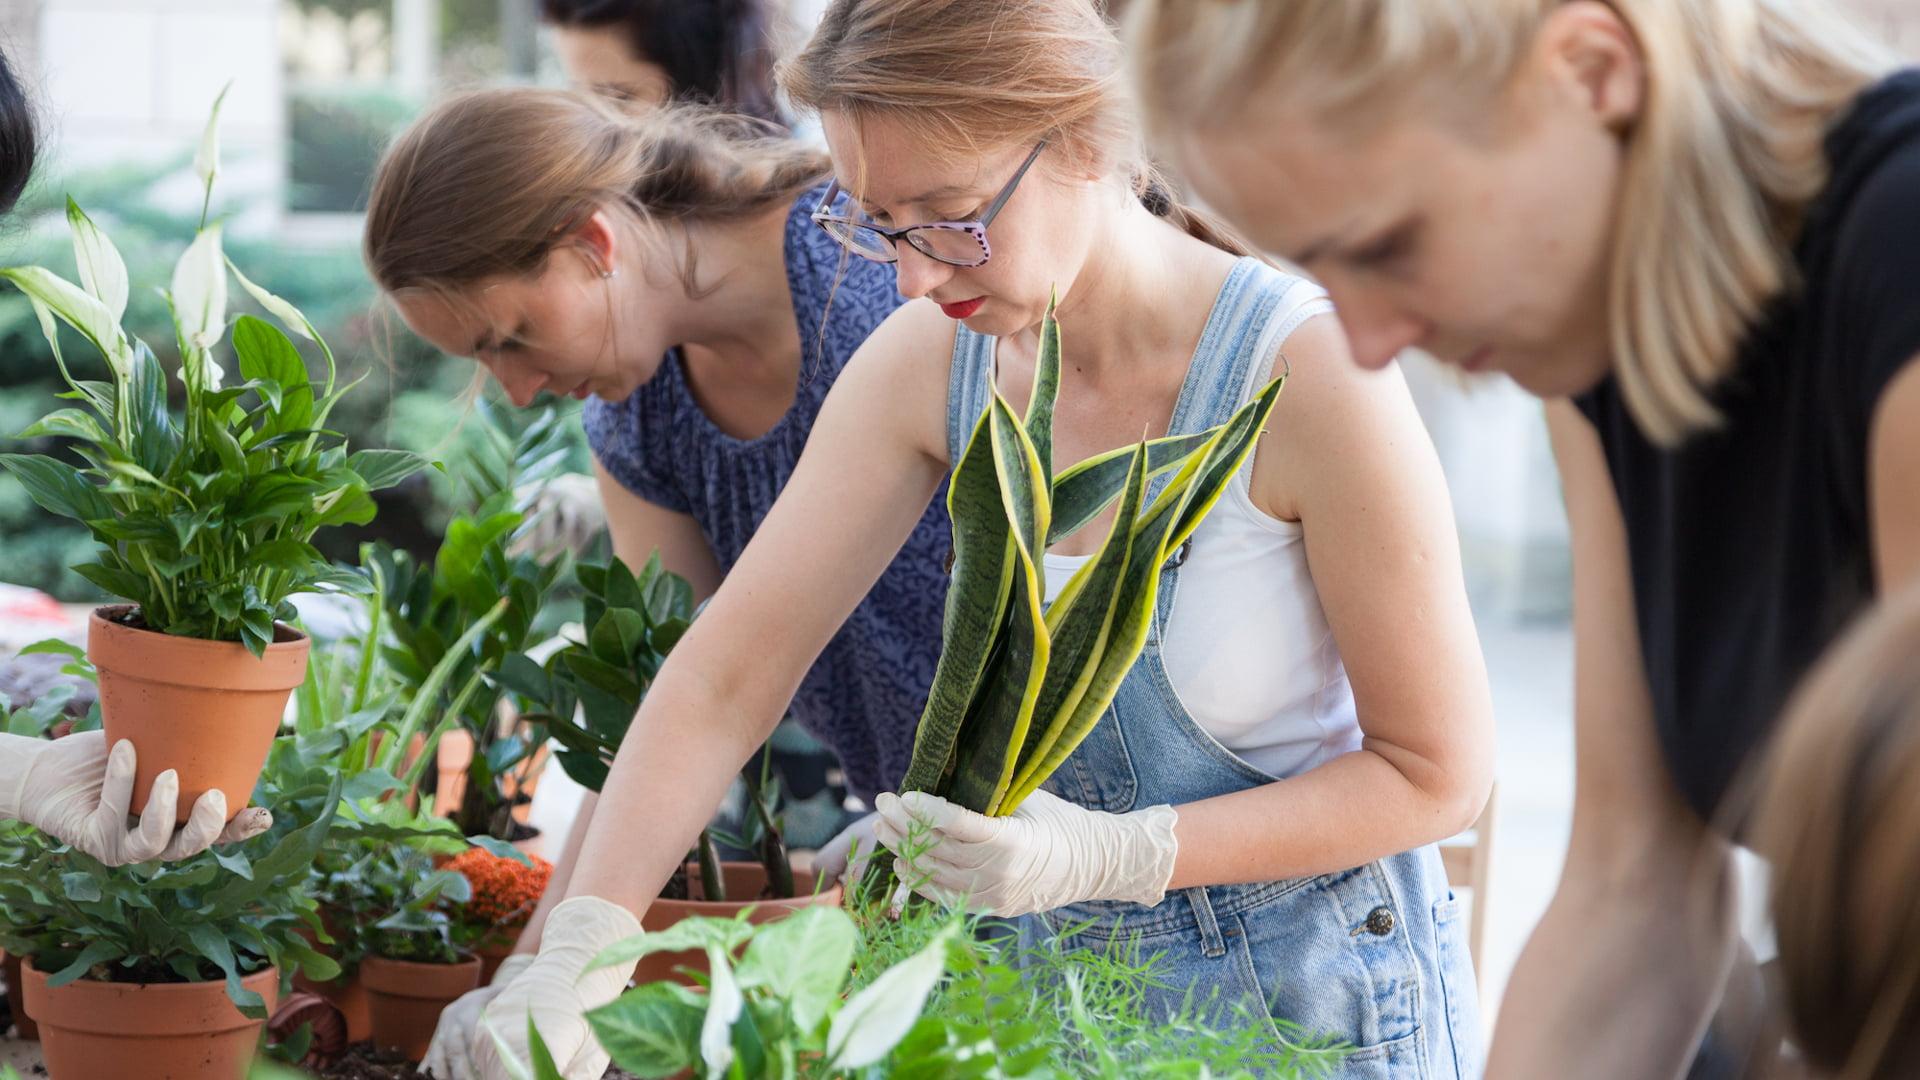 Warsztat ogrodniczy